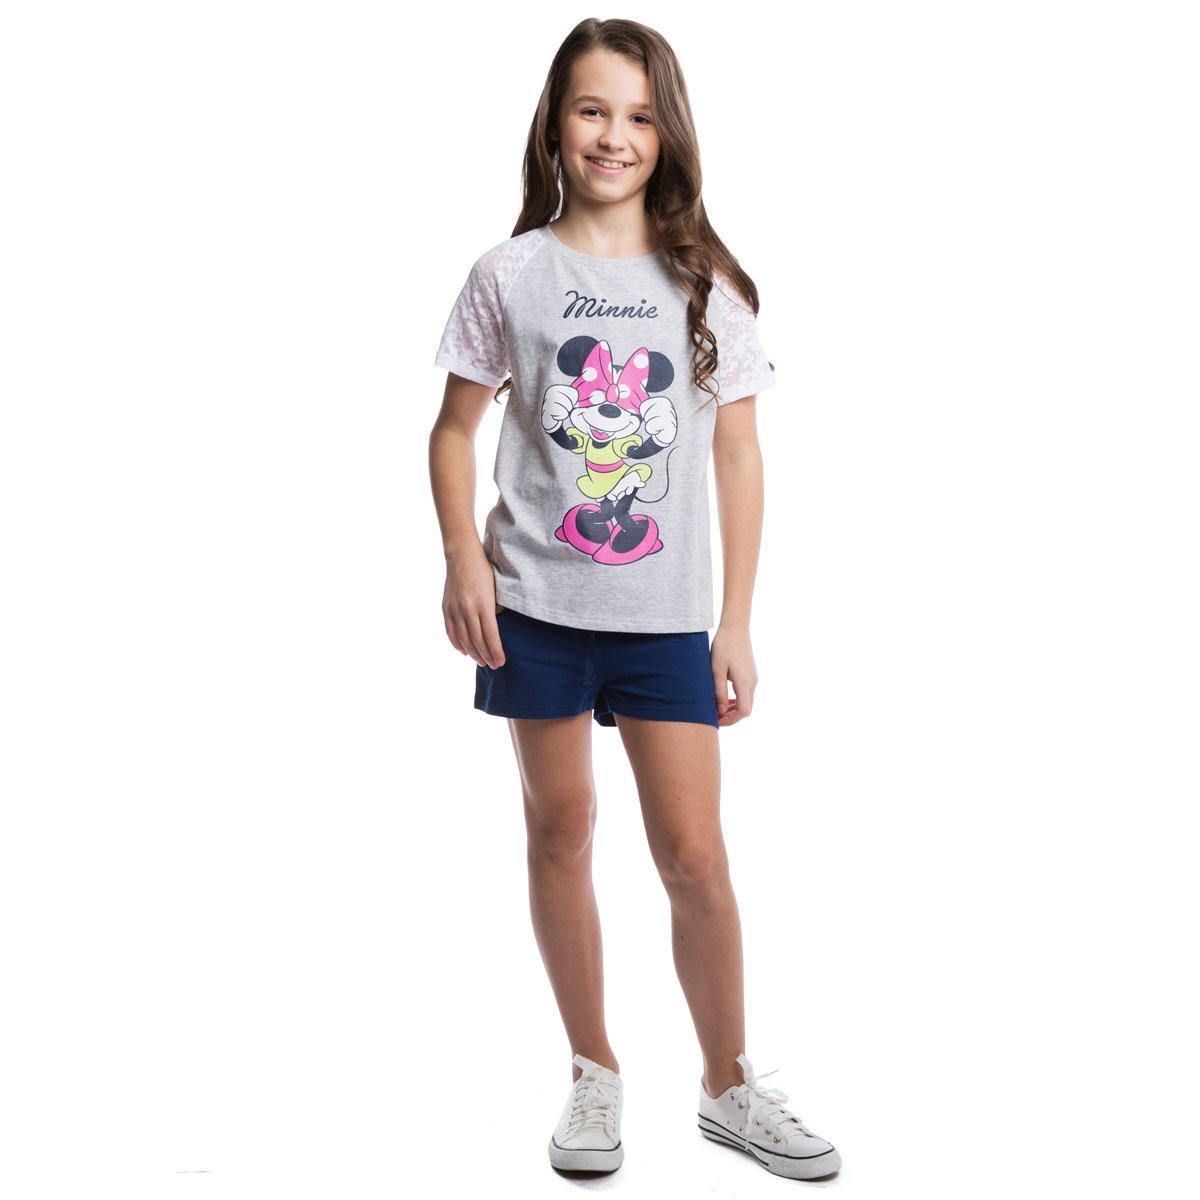 Футболка964002Стильная футболка оригинального кроя. Рукава и спинка выполнены из материала контрастного цвета с эффектом вытравки. По всей длине спинке располагается молния. Модель оформлена принтом с изображением Минни Маус.